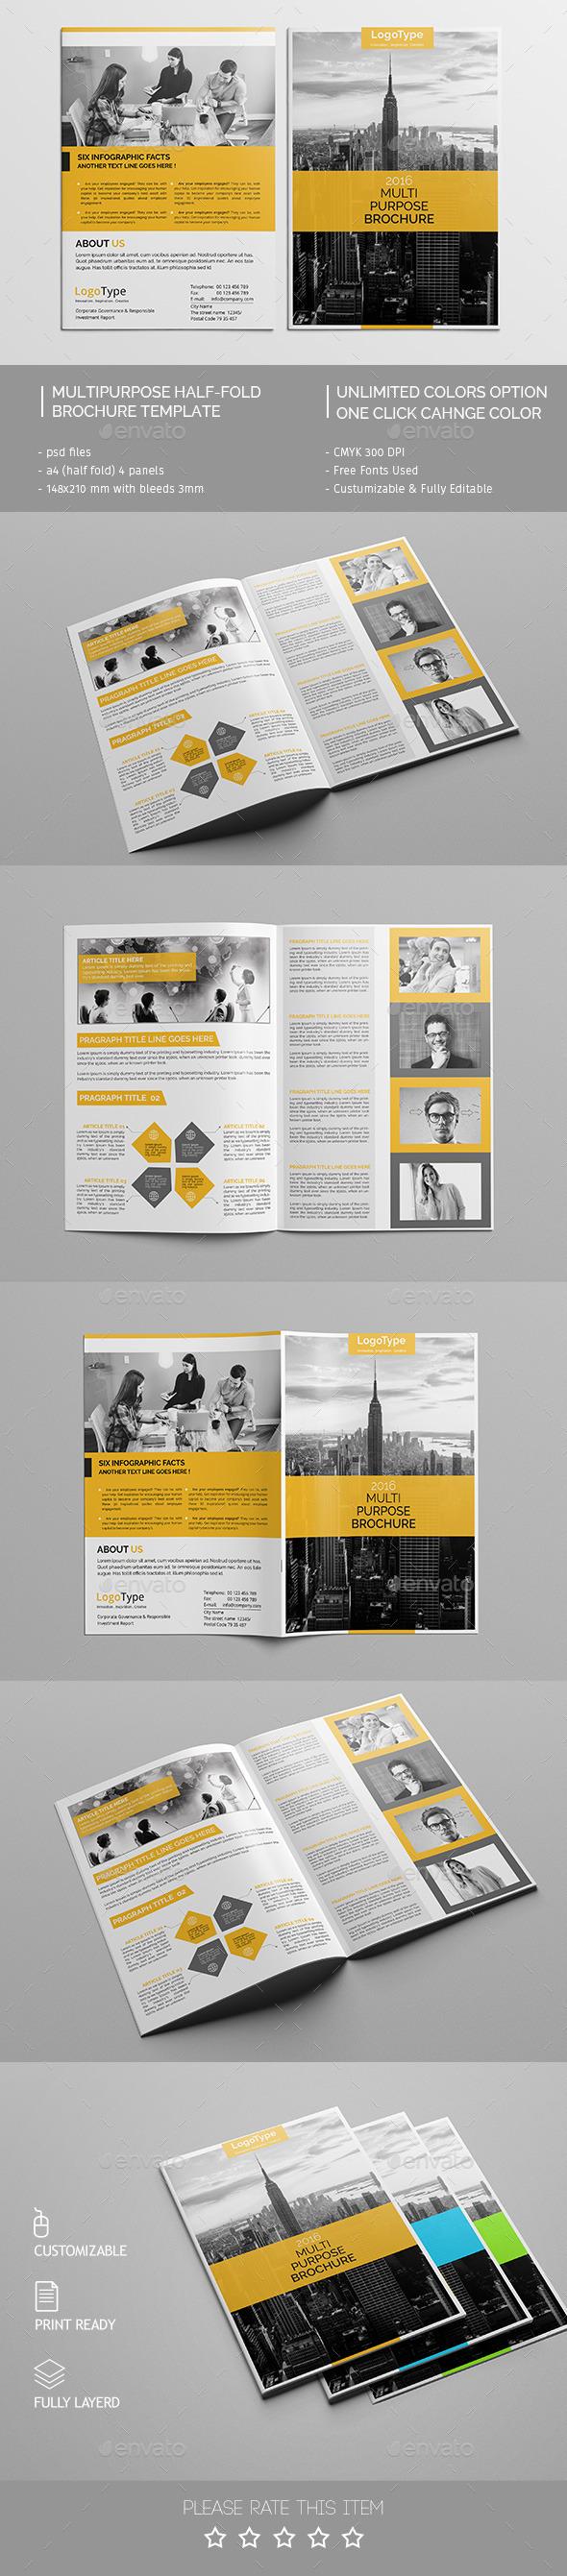 Corporate Bi-fold Brochure Template 08 - Corporate Brochures